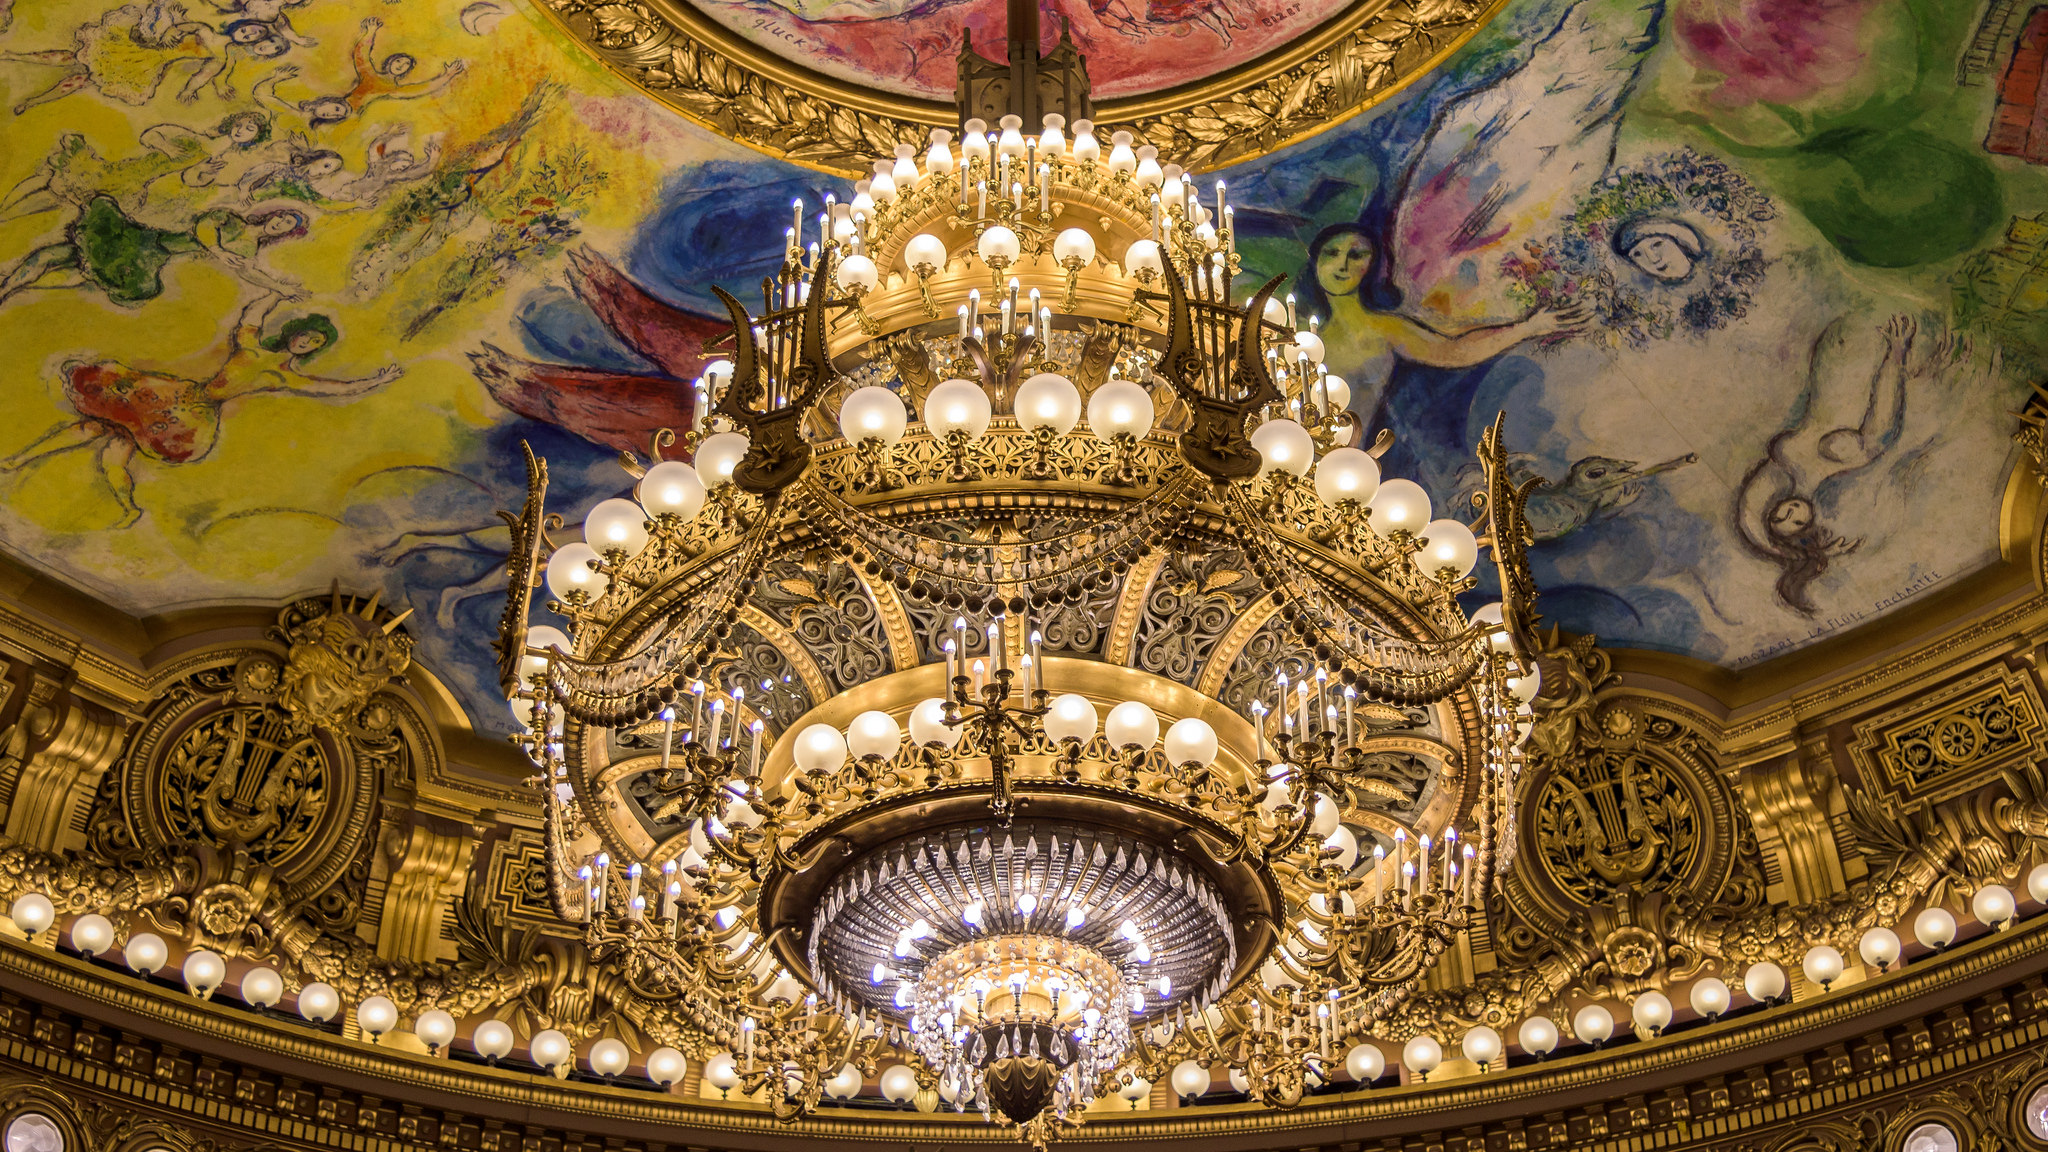 Chandelier in the Palais Garnier Paris HD Wallpaper Background 2048x1152